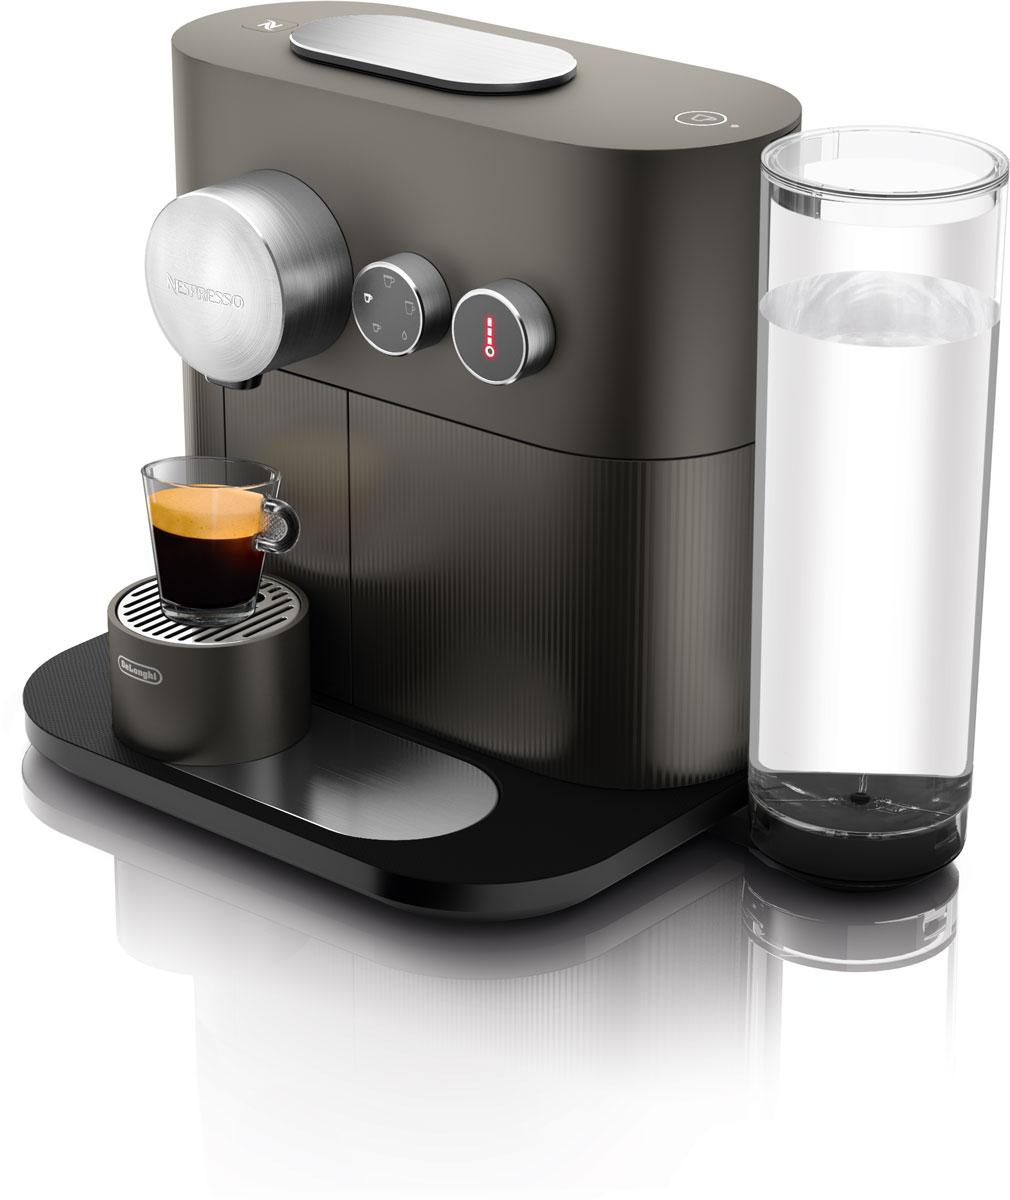 DeLonghi Nespresso Expert EN350.G, Dark Gray капсульная кофемашинаEN350.GПревосходное наслаждение кофе для требовательных индивидуалистов: разработано для отдельных порций, в зависимости от предпочтения и потребности между различными типами молока, например. Используя две отдельные линии жидкости, теперь можно смешивать кофе и горячую воду, чтобы создать еще более длинный кофе. Теперь можно персонализировать температуру ваших напитков на 3 уровнях, будь то через машину или приложение Nespresso. Матовый алюминиевый выход для кофе, слайдер и циферблаты улучшают дизайн, придавая машине ощущение превосходства.